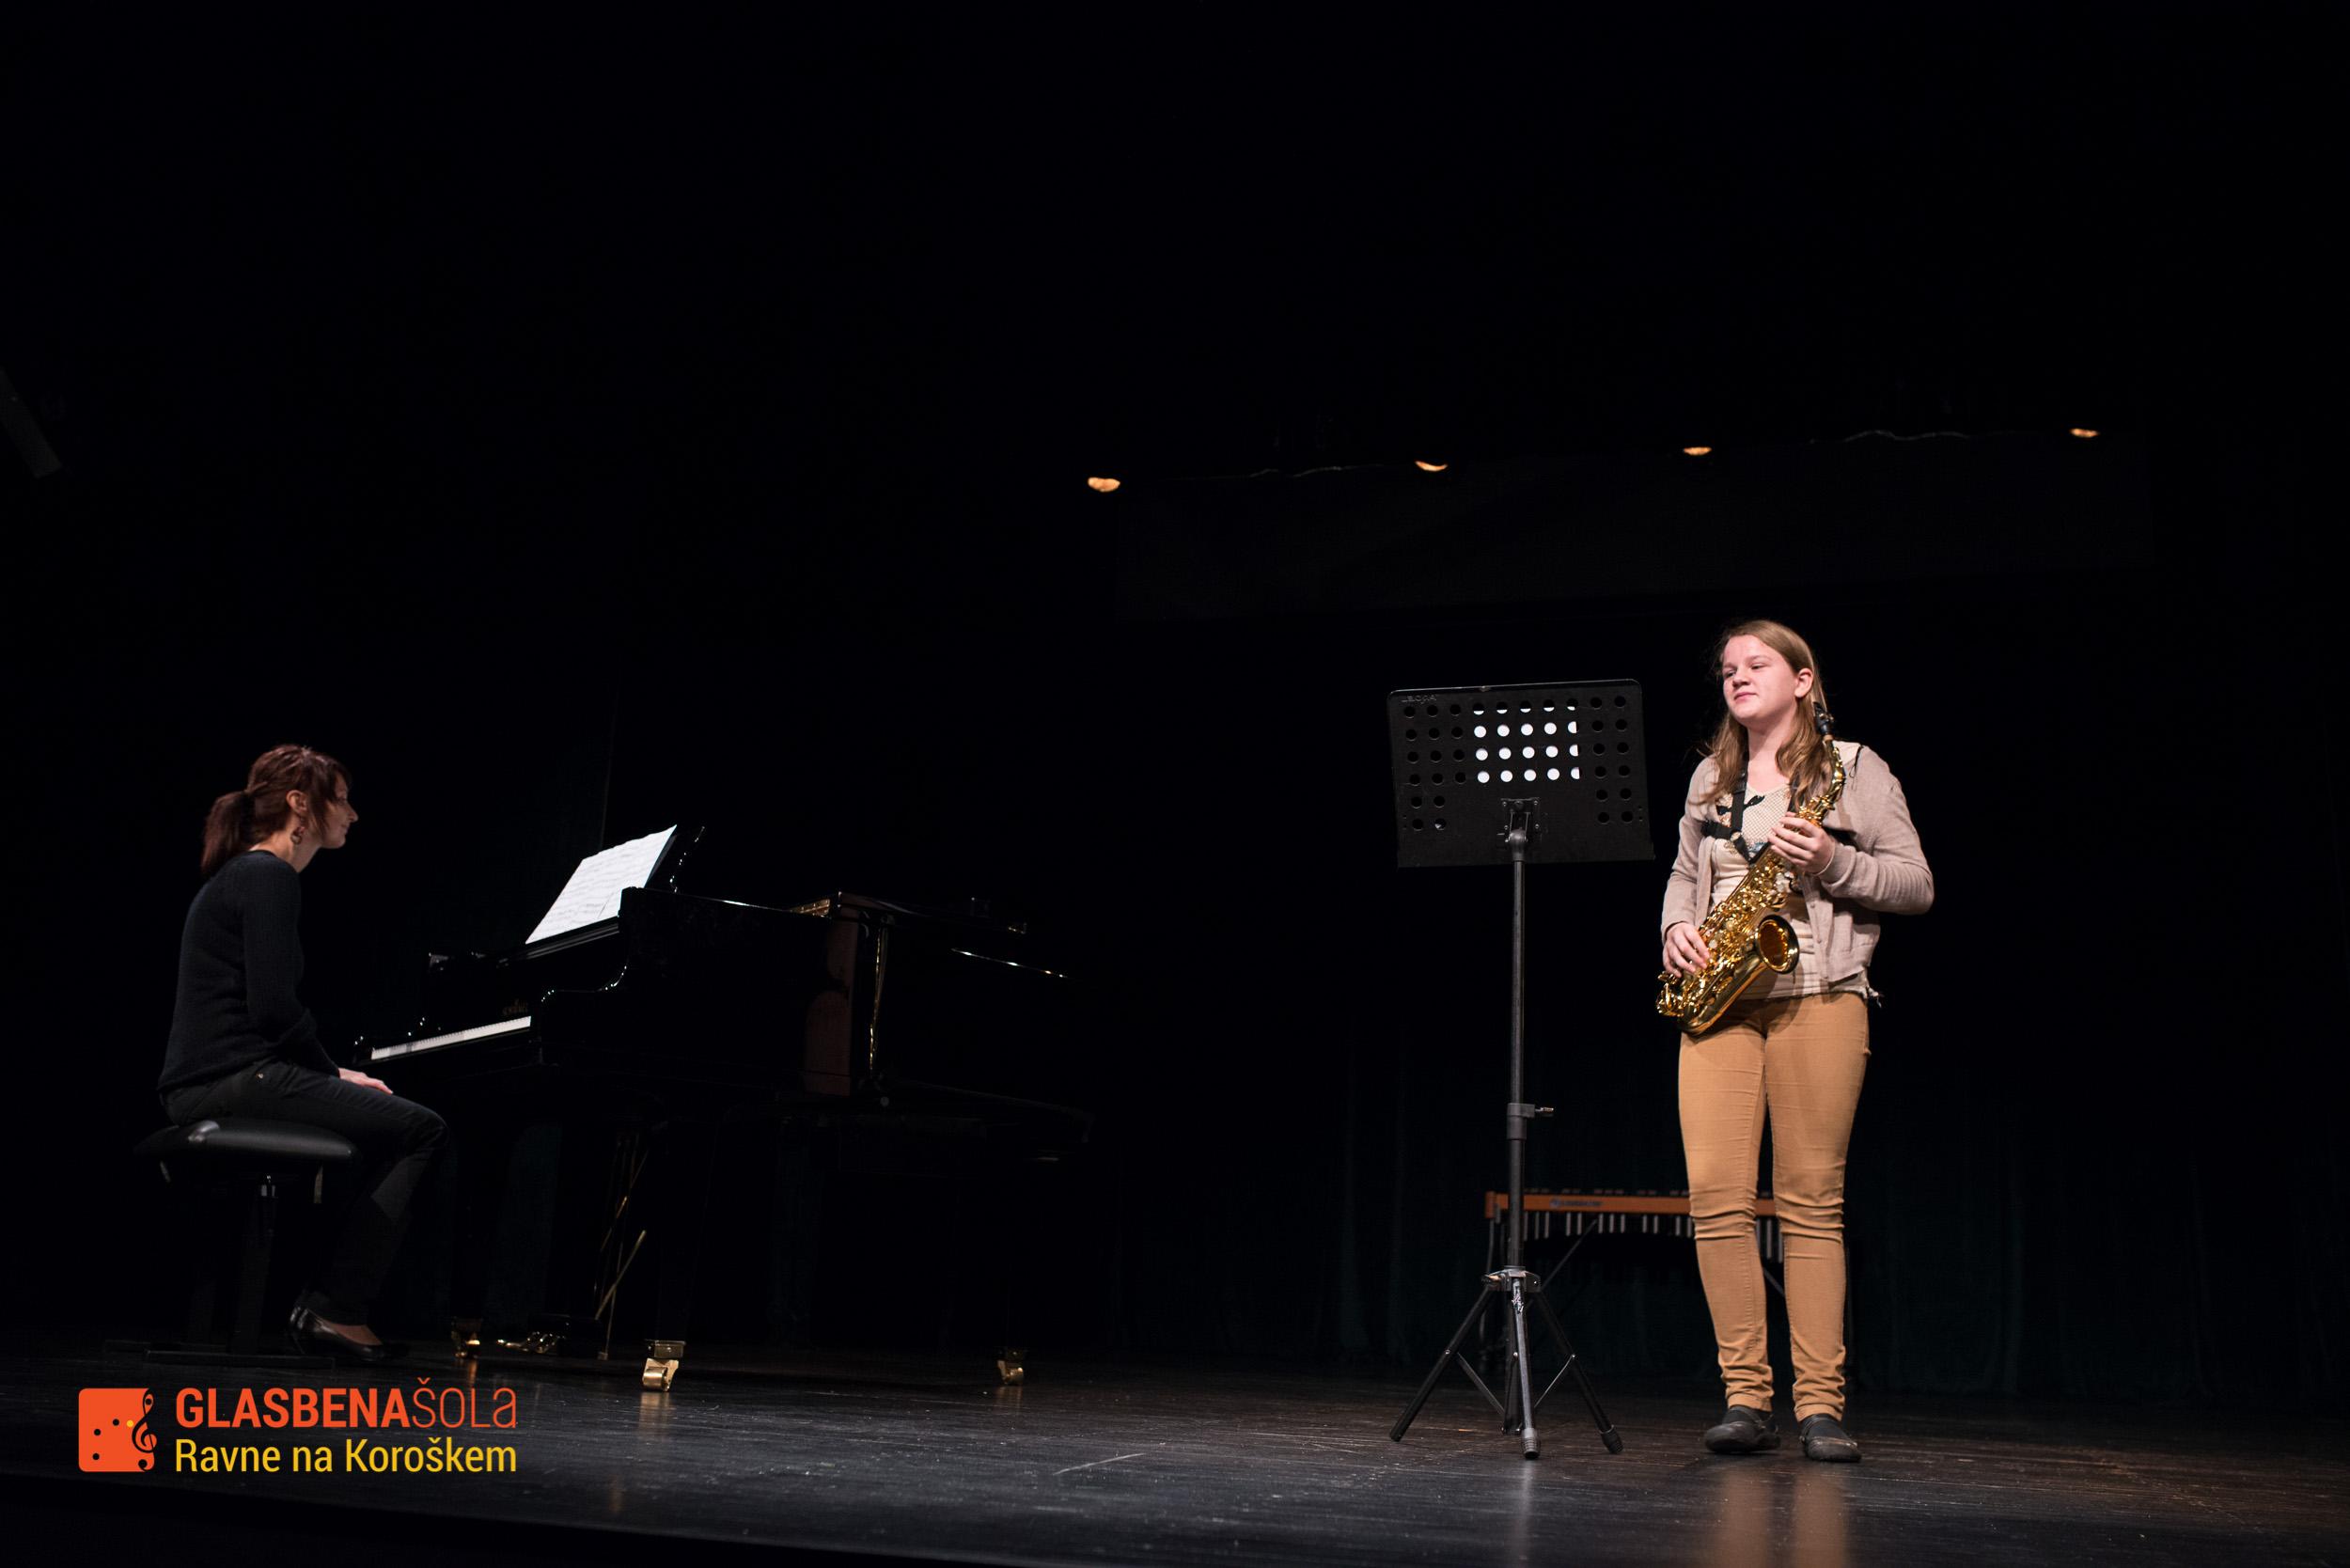 koncert-08-11-2014-8